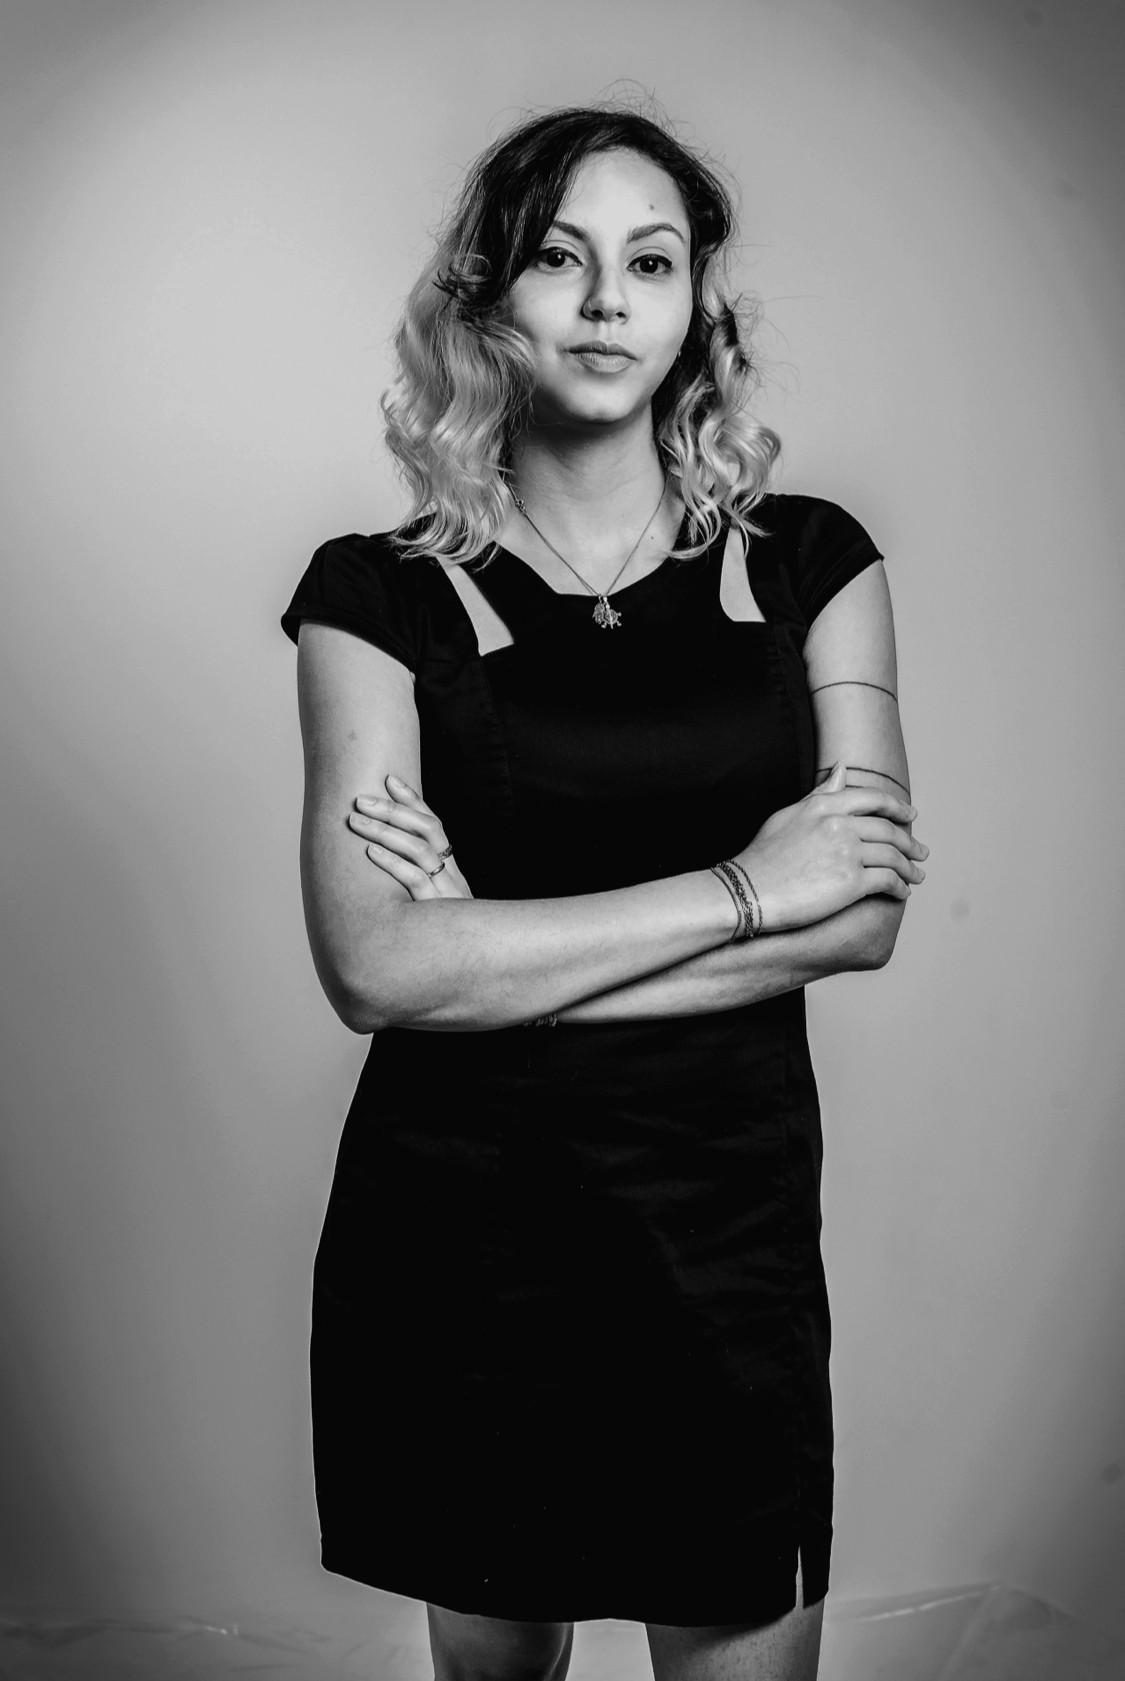 Iasmine Amazonas marketing da ONErpm comenta sobre o TikTok